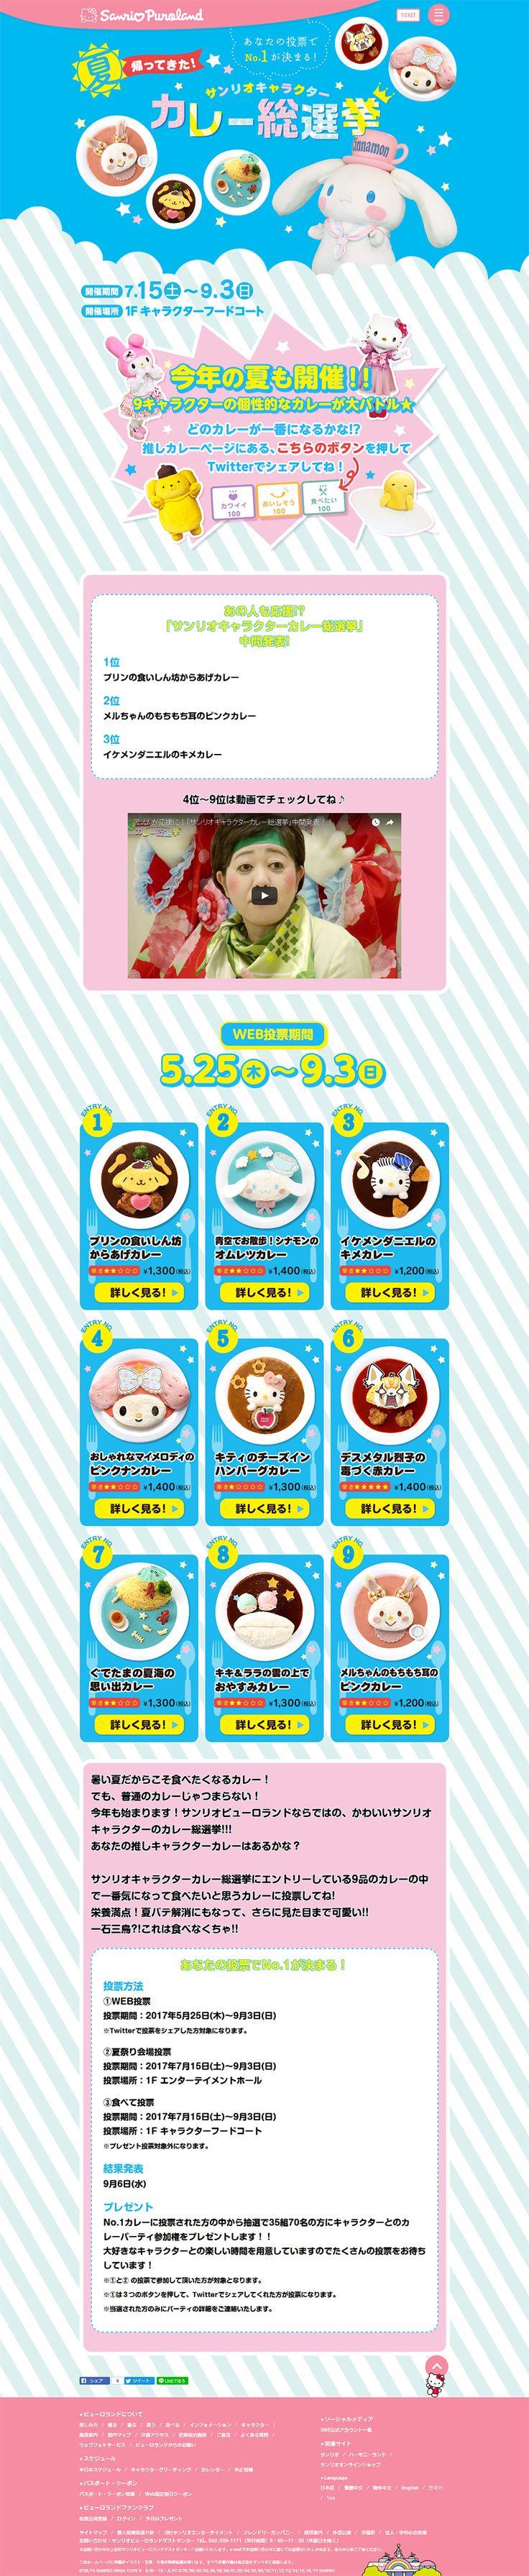 サンリオキャラクターカレー総選挙 WEBデザイナーさん必見!ランディングページのデザイン参考に(かわいい系)